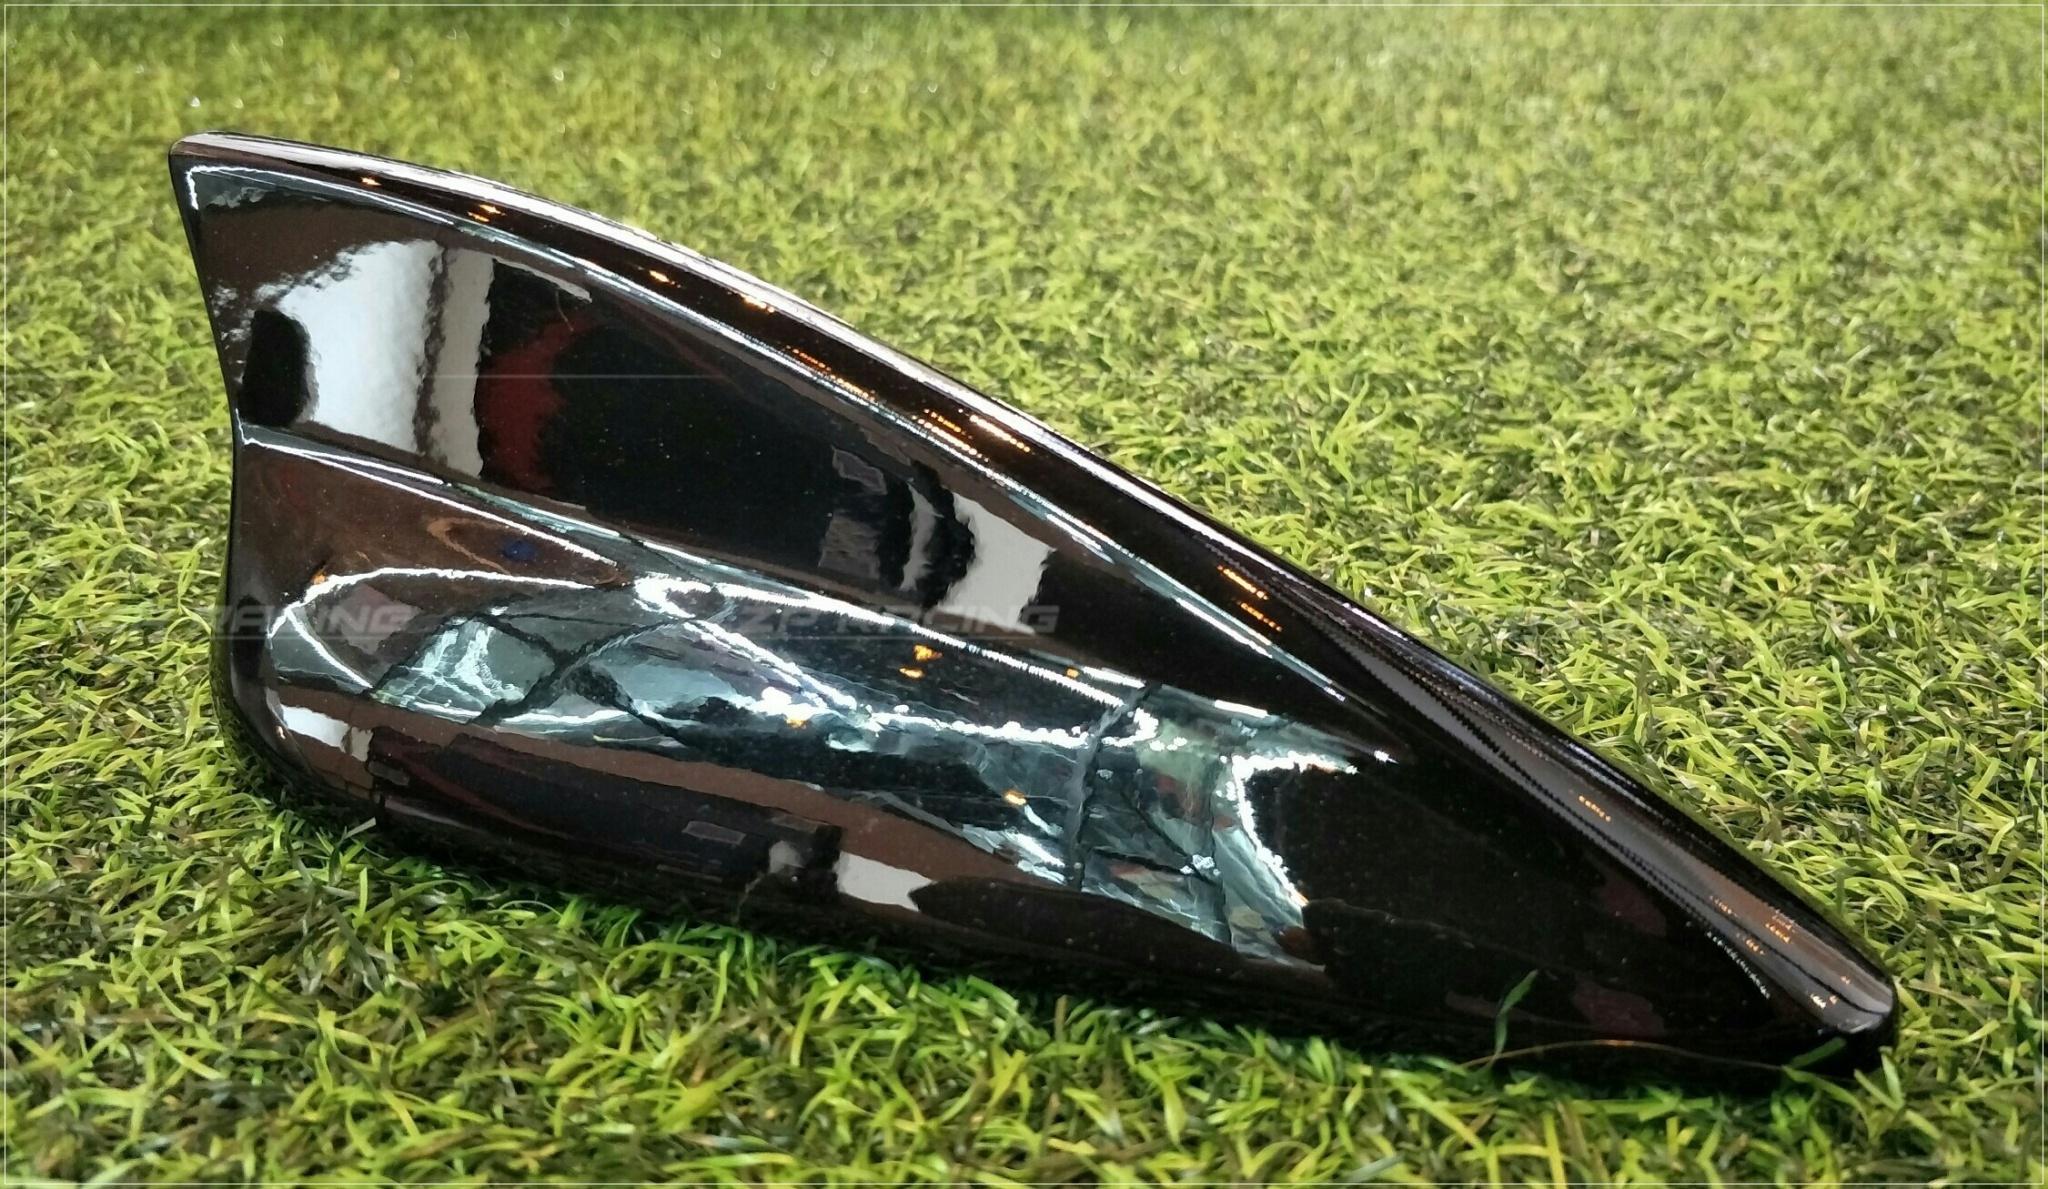 เสาอากาศครีบฉลาม Mazda 3 ทรงศูนย์ สีดำ Black Mica